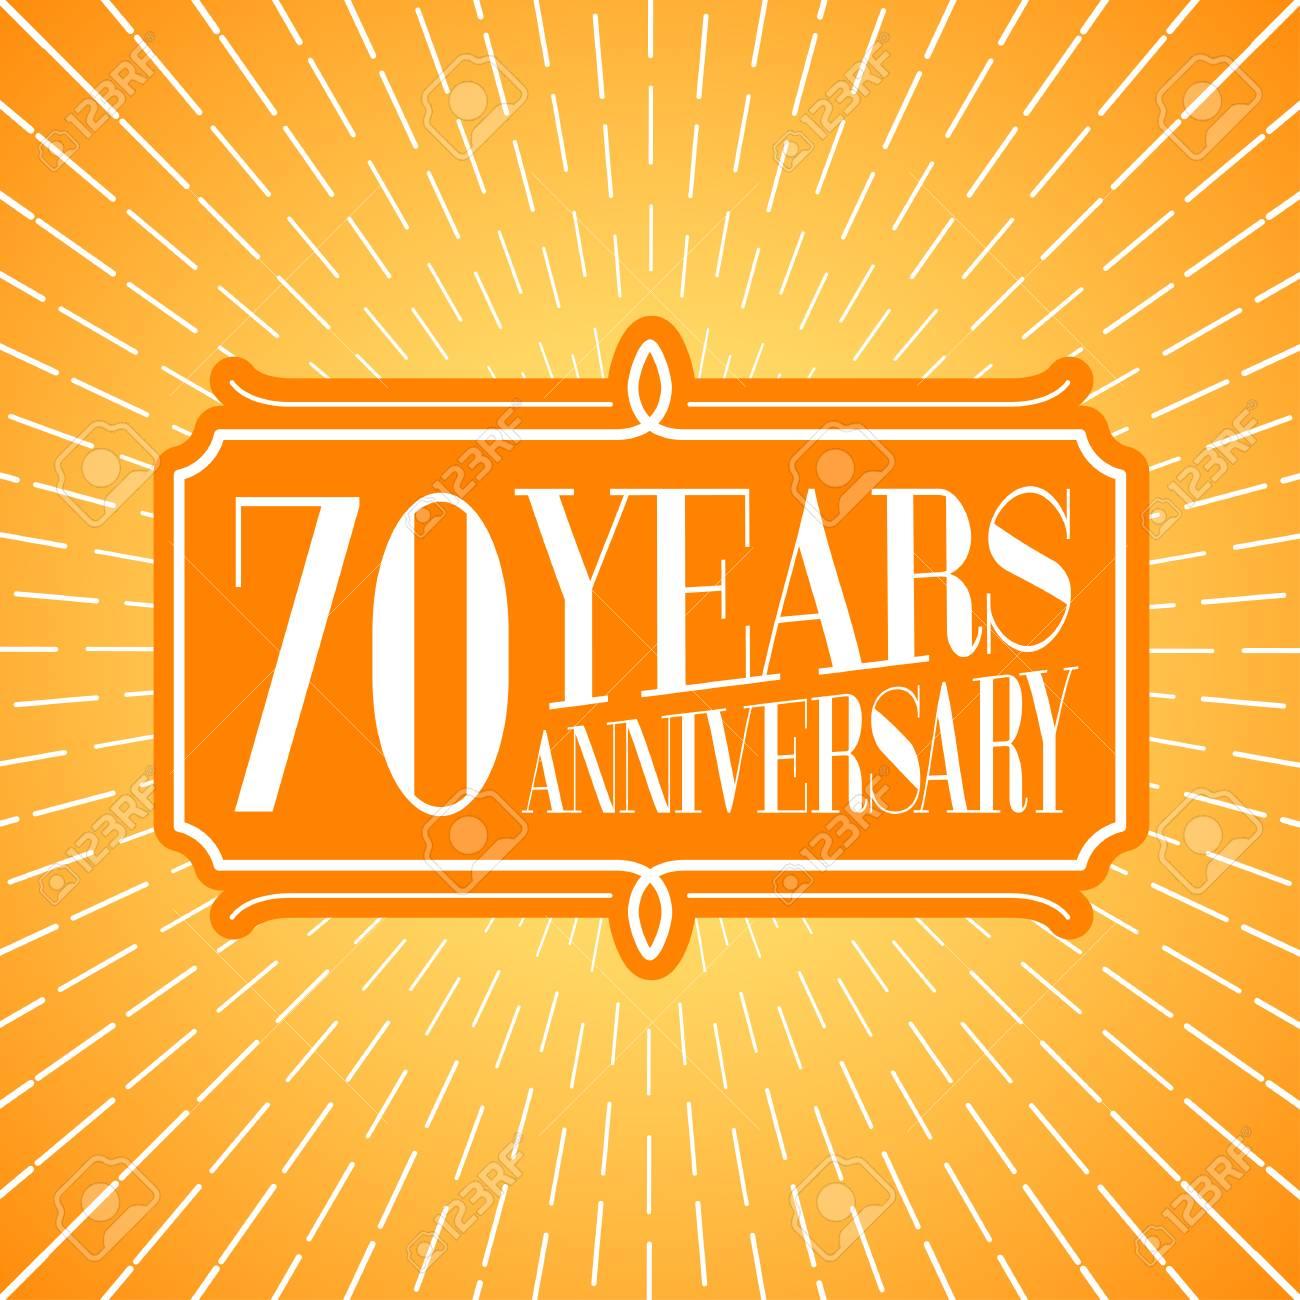 Icône De Vecteur De 70 Ans Anniversaire Logo élément De Design